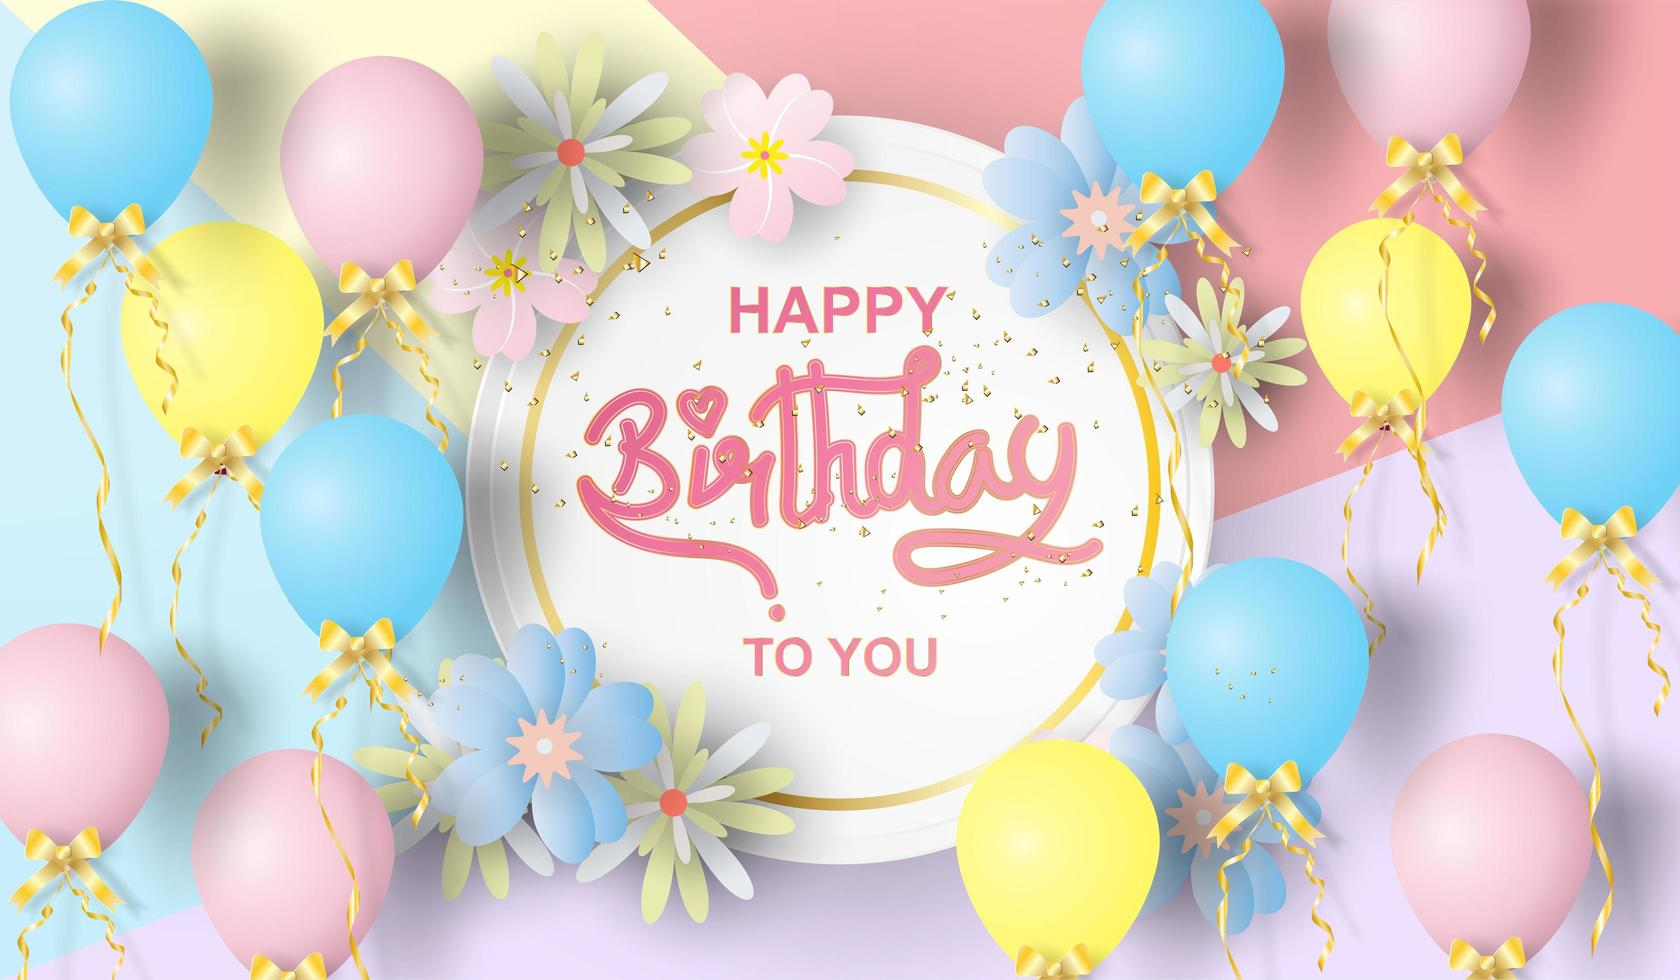 Paper Art Of Happy Birthday Download Free Vectors Clipart Graphics Vector Art